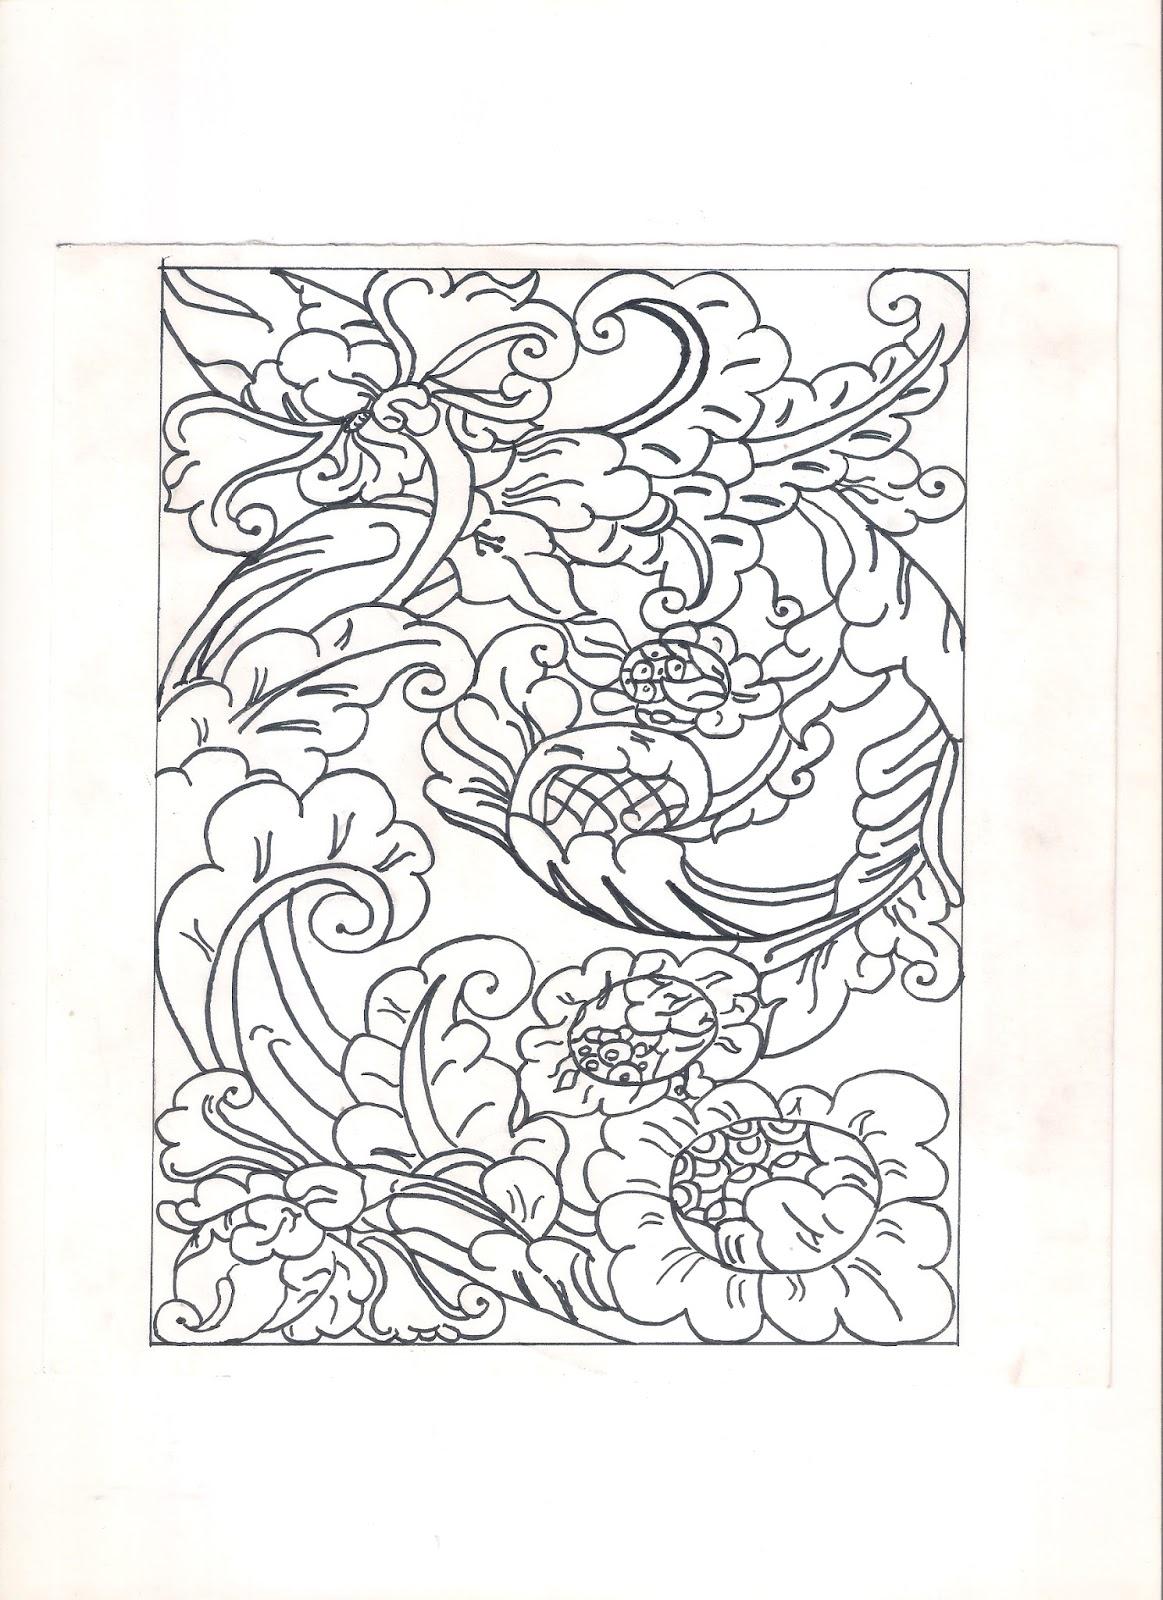 Desain Batik Darasa In Beauty